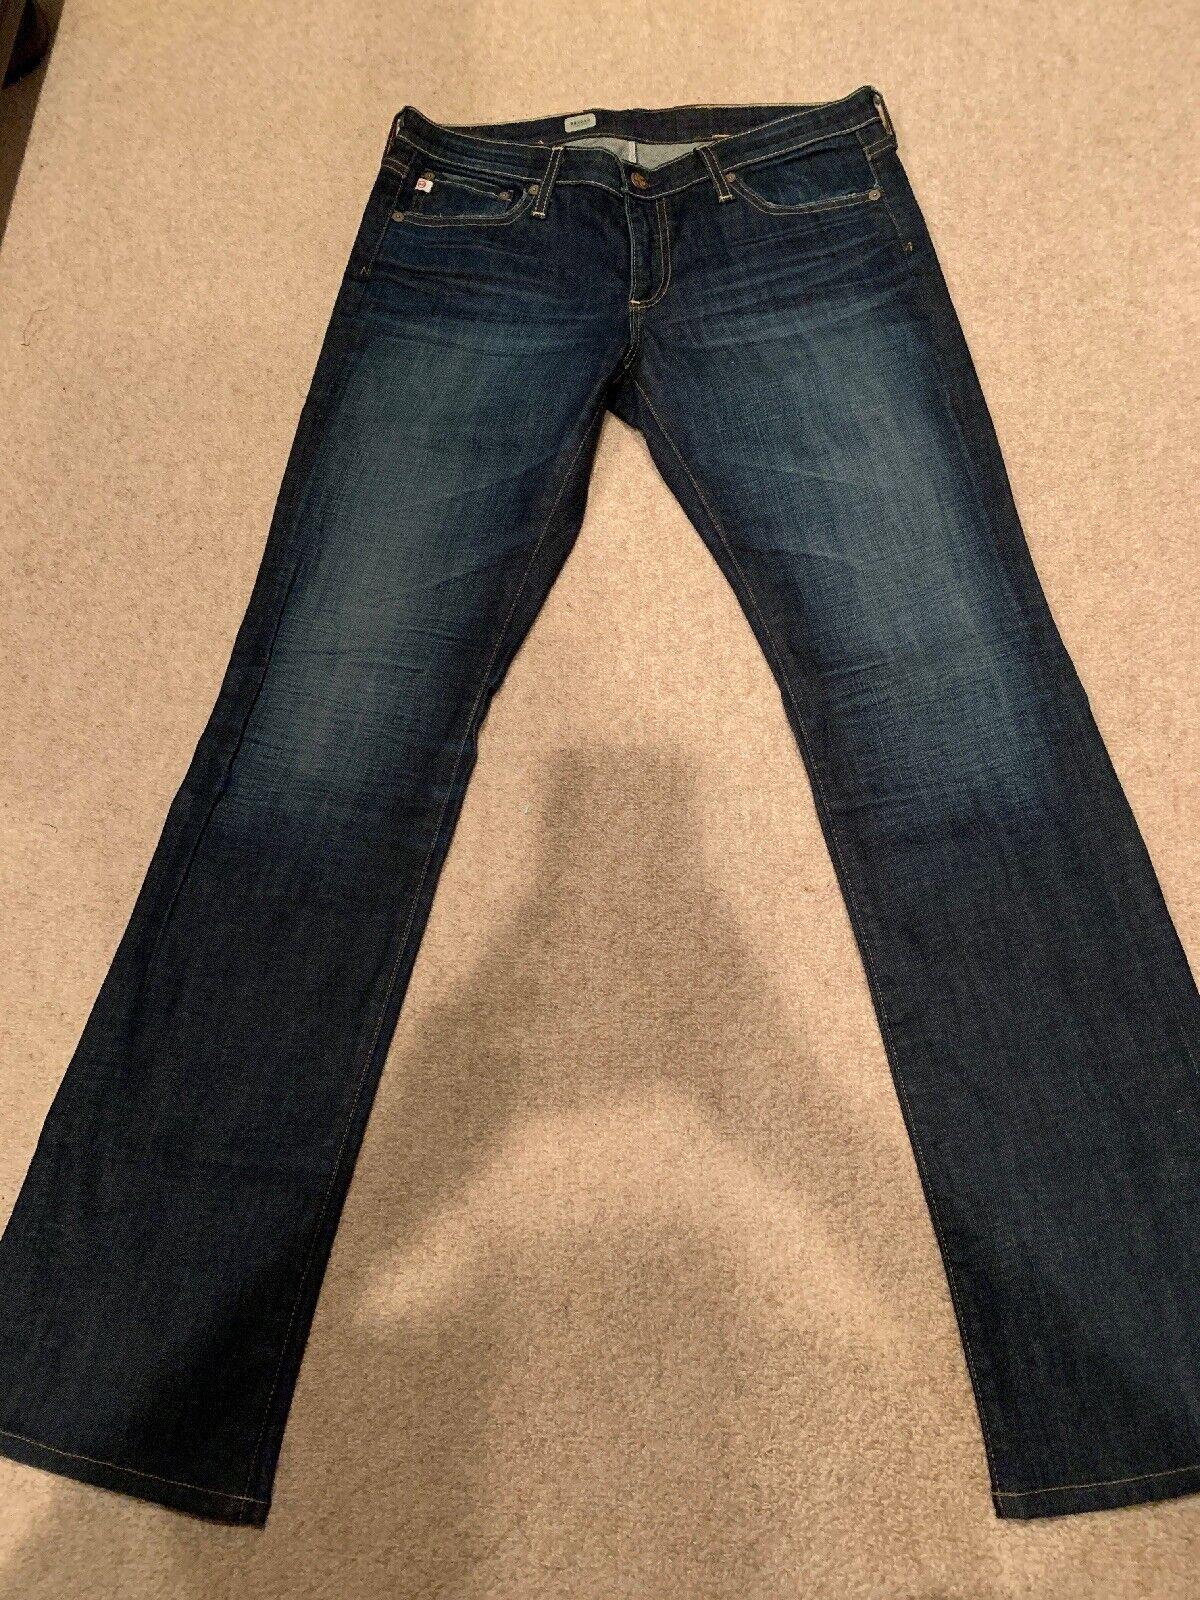 """Adriano goldschmied """"Ballard"""" Slim Boot Jeans Size 30R NWOT"""